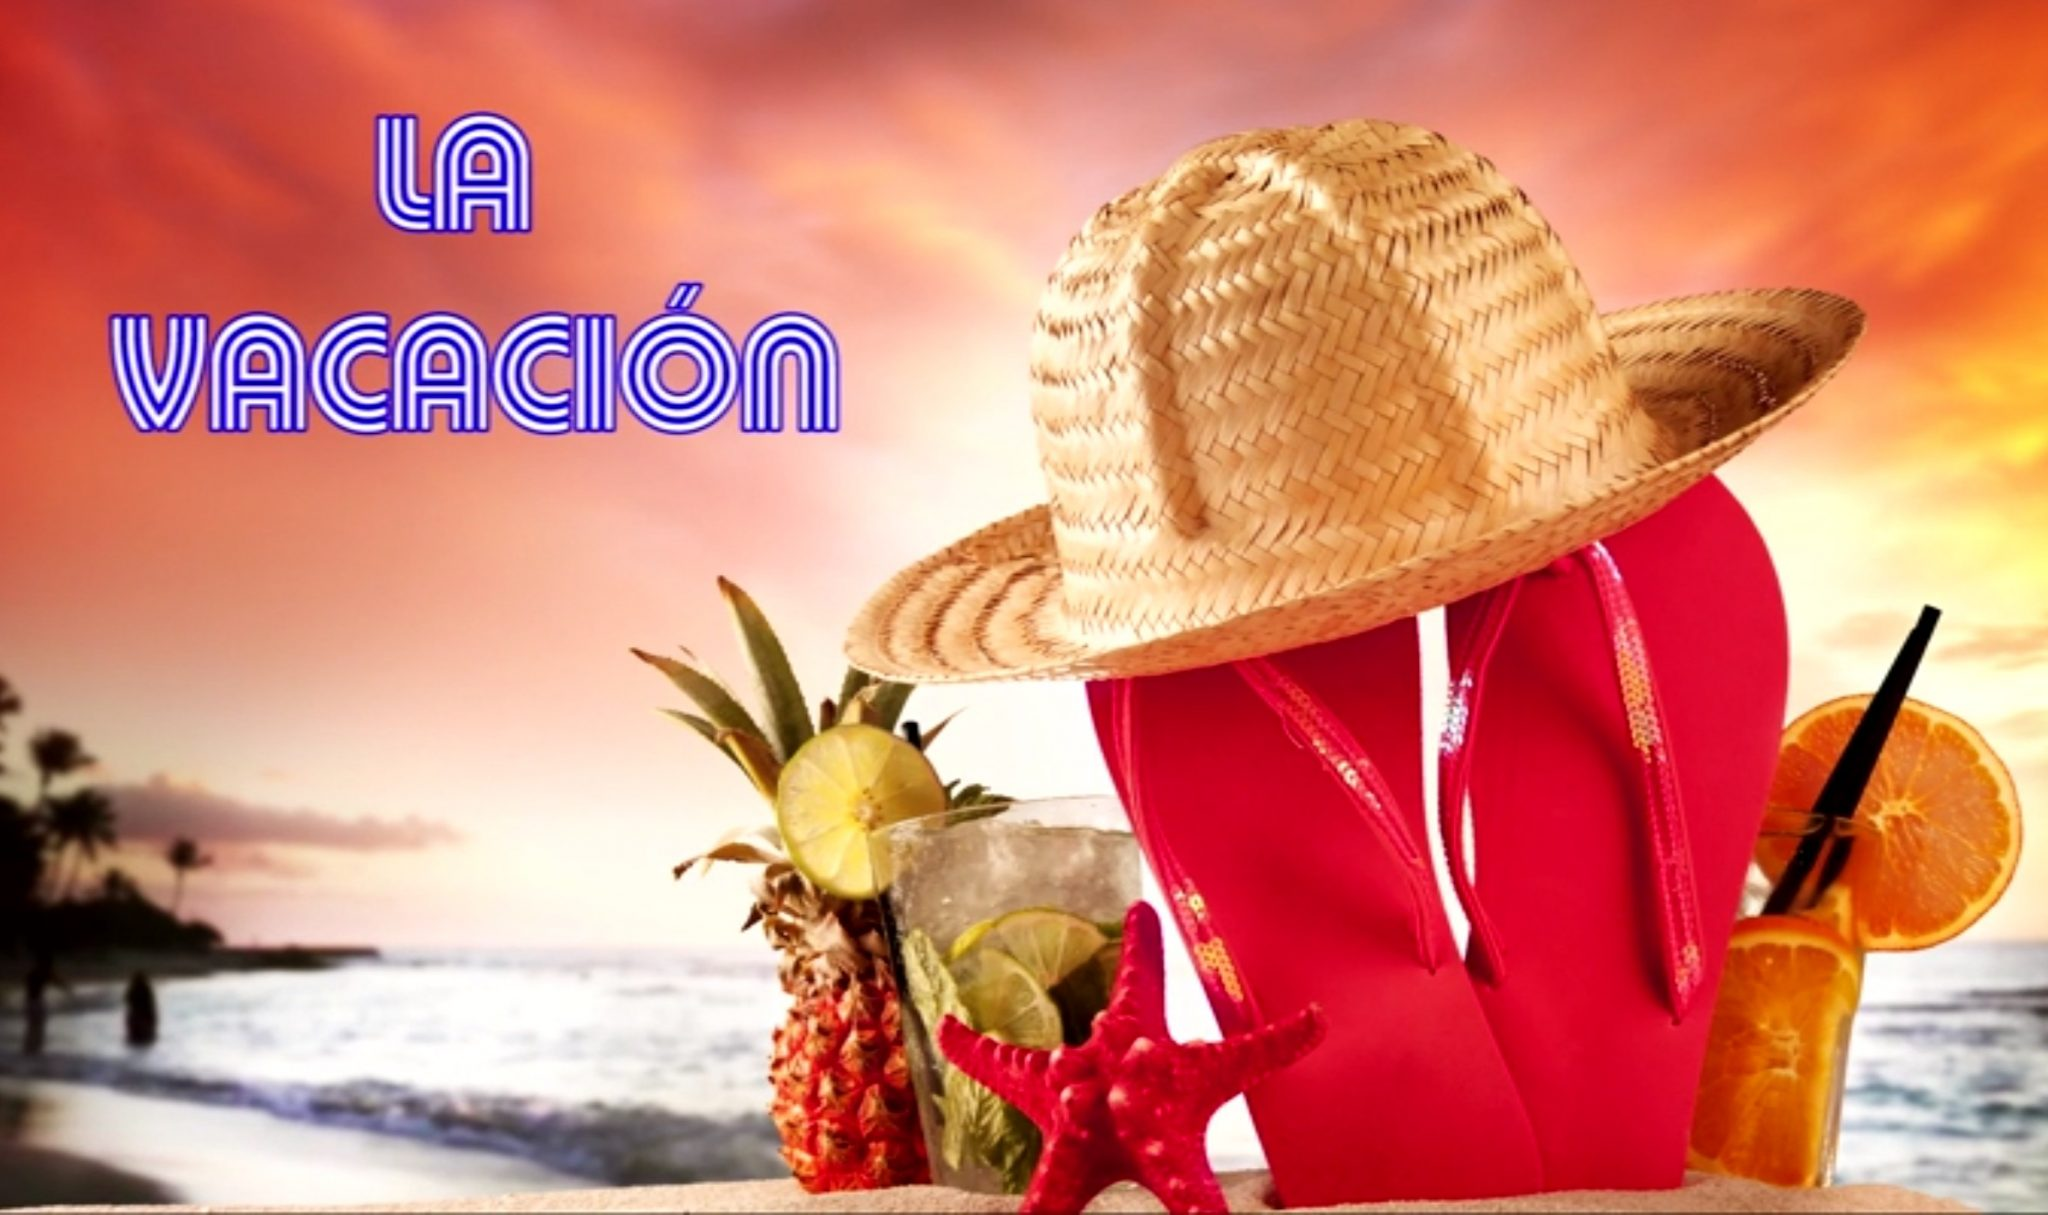 La vacación 02 mayo 2019